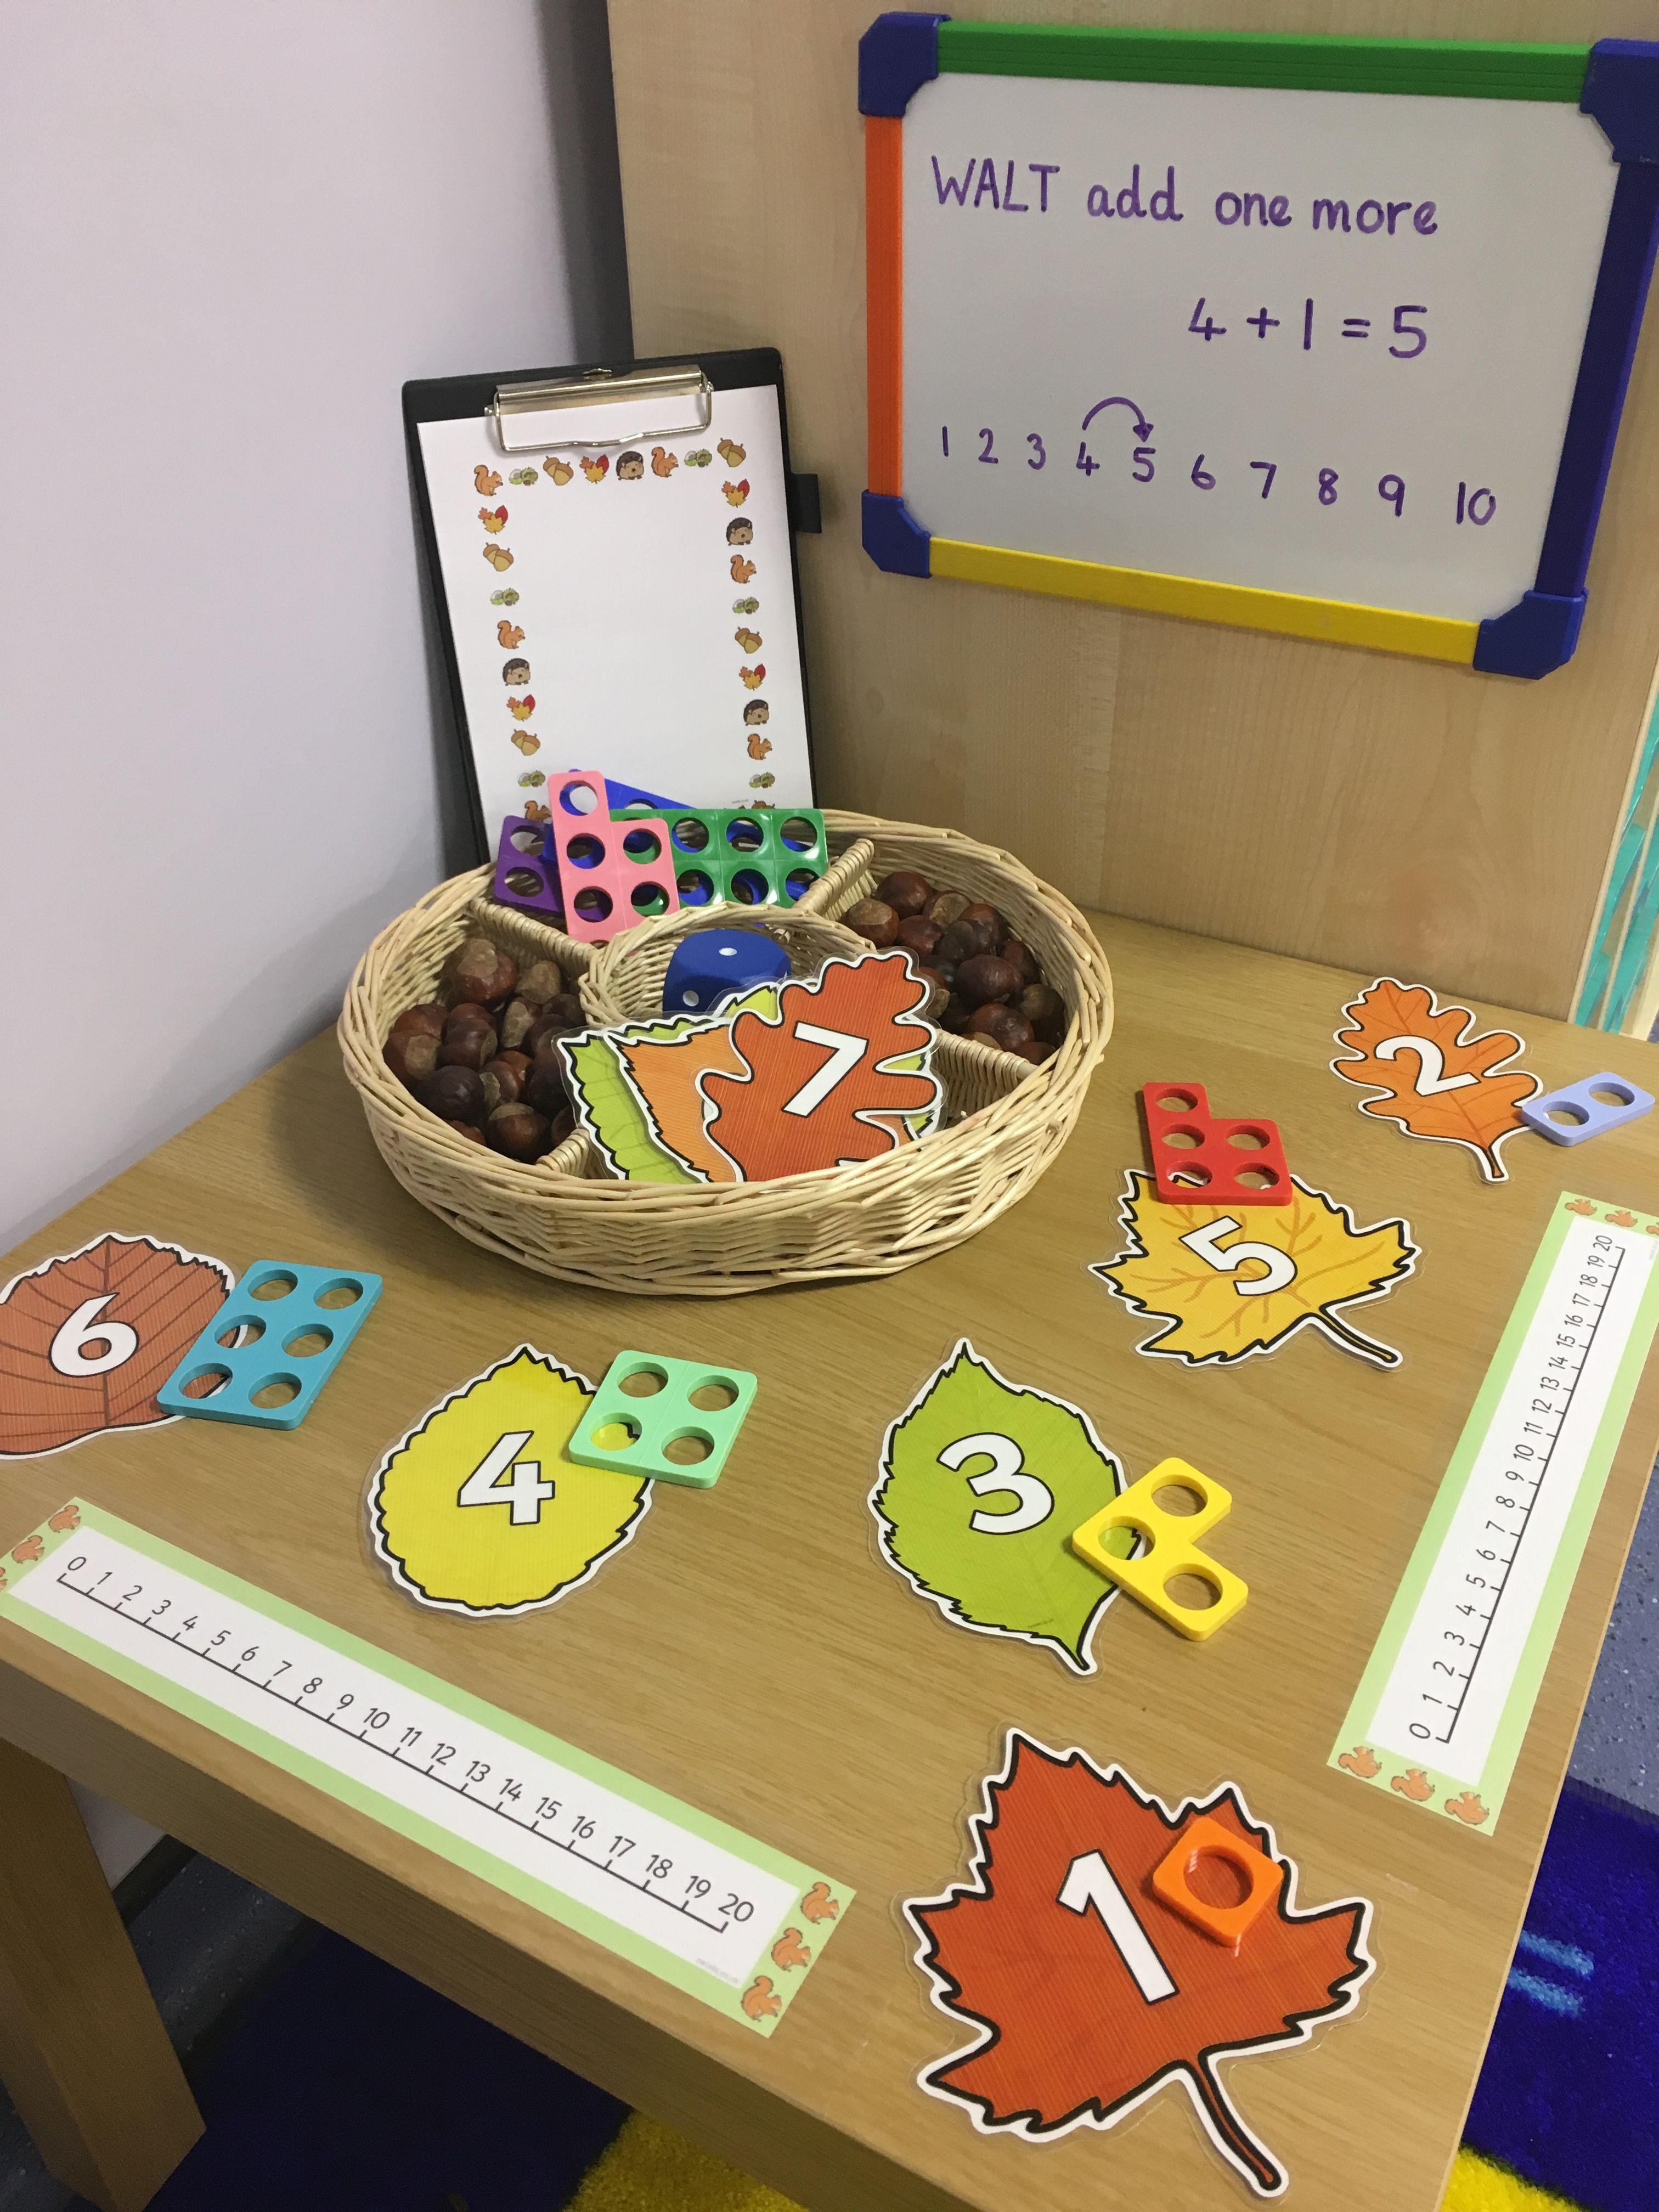 Interactive Maths Display Autumn Addition Fall Math Maths Eyfs Numicon Activities Adding maths games eyfs